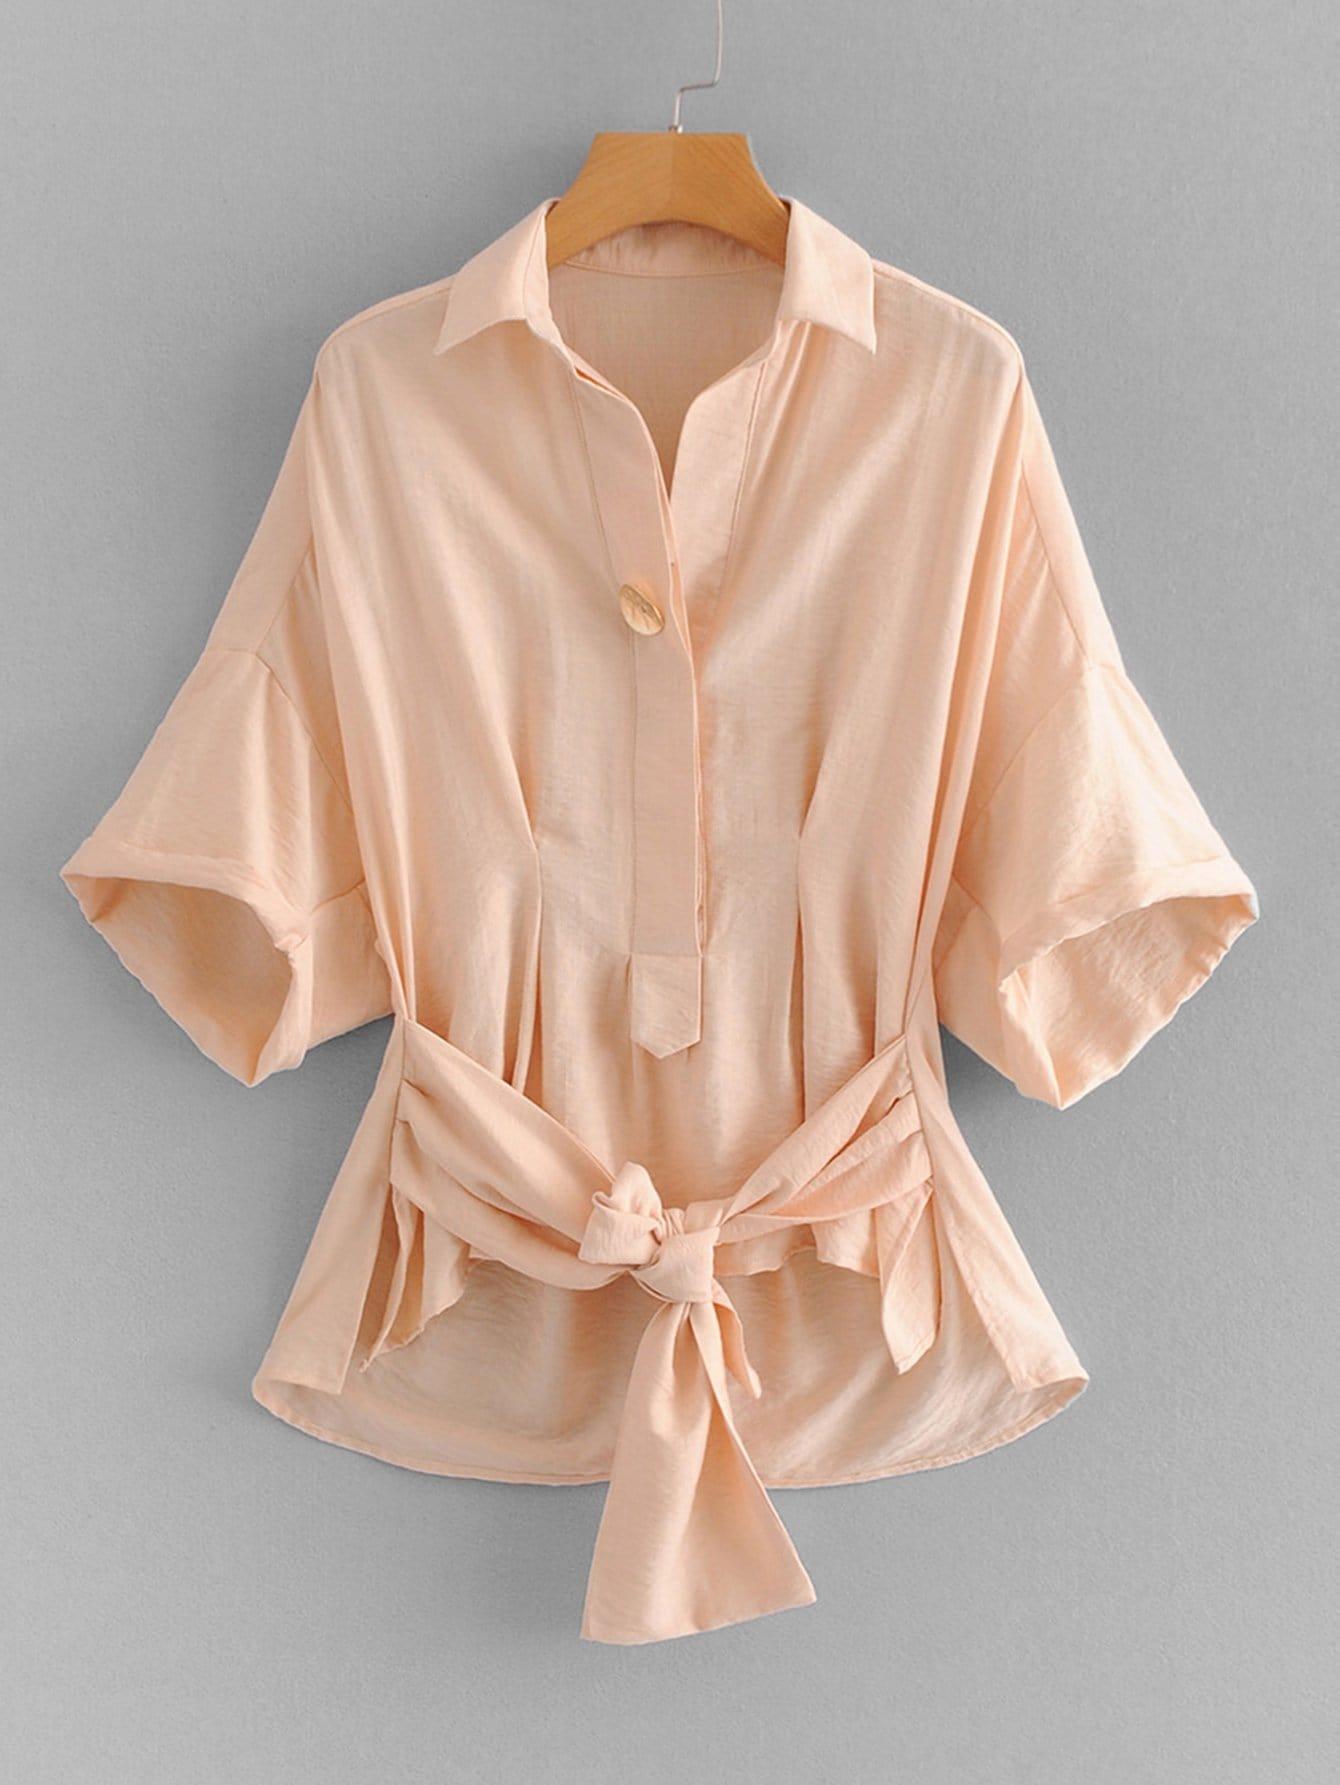 Купить Рубашка и с украшением банта перед одежды и падение плеча и Dip подол, null, SheIn